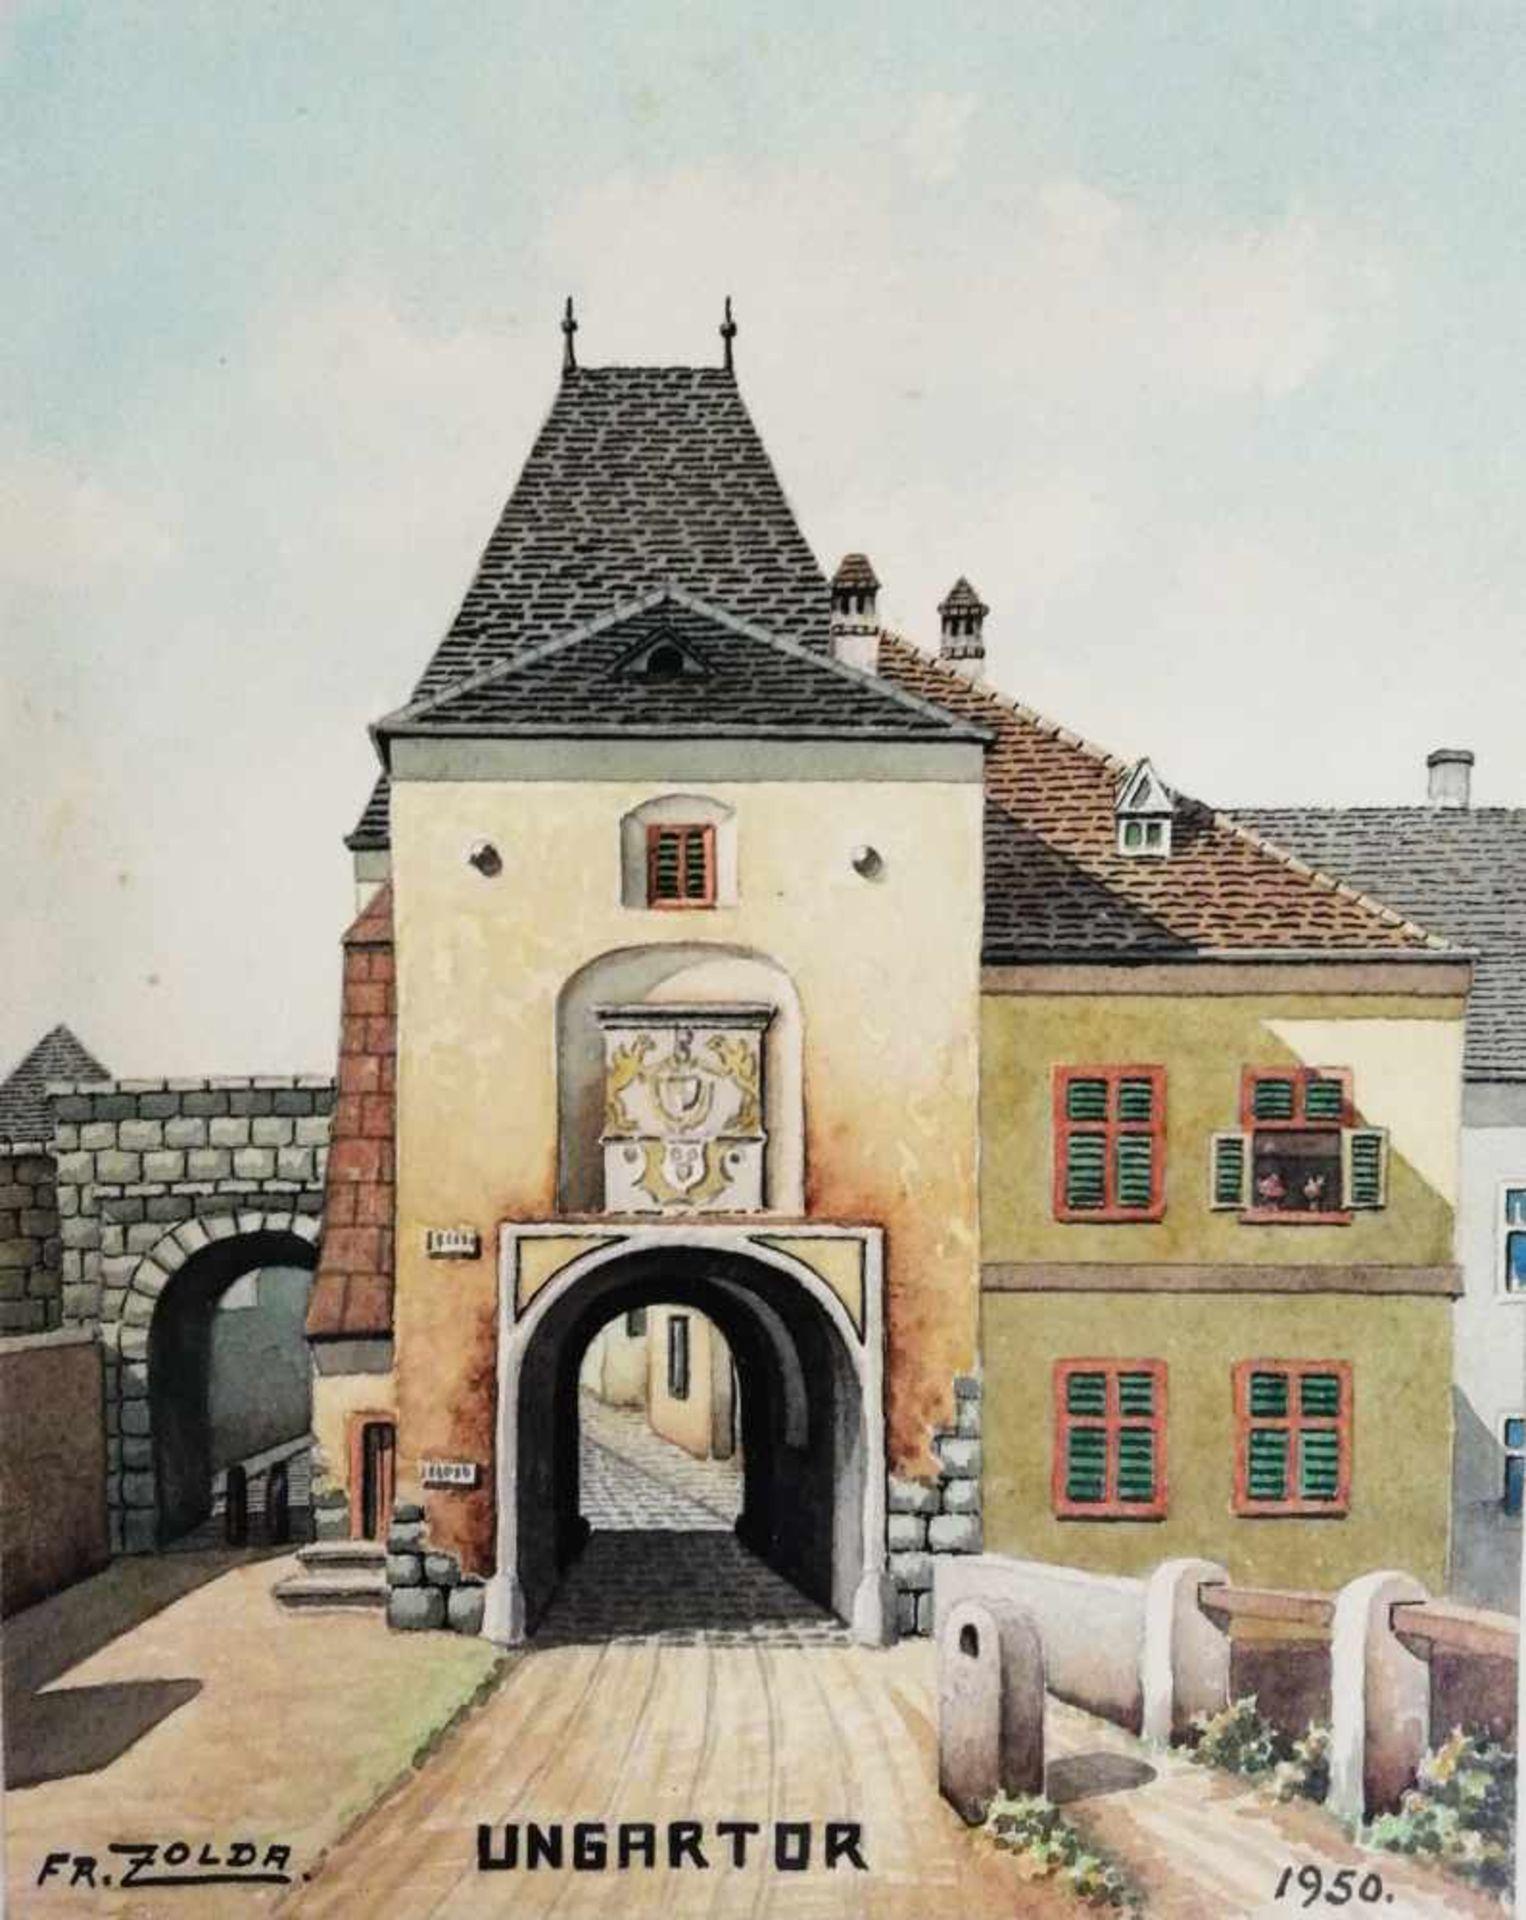 Los 11 - 2 Bilder, Franz Zolda, Wiener Neustadt Ungartor, Wienertor, Aquarelle, signiert Fr.Zolda, jeweils